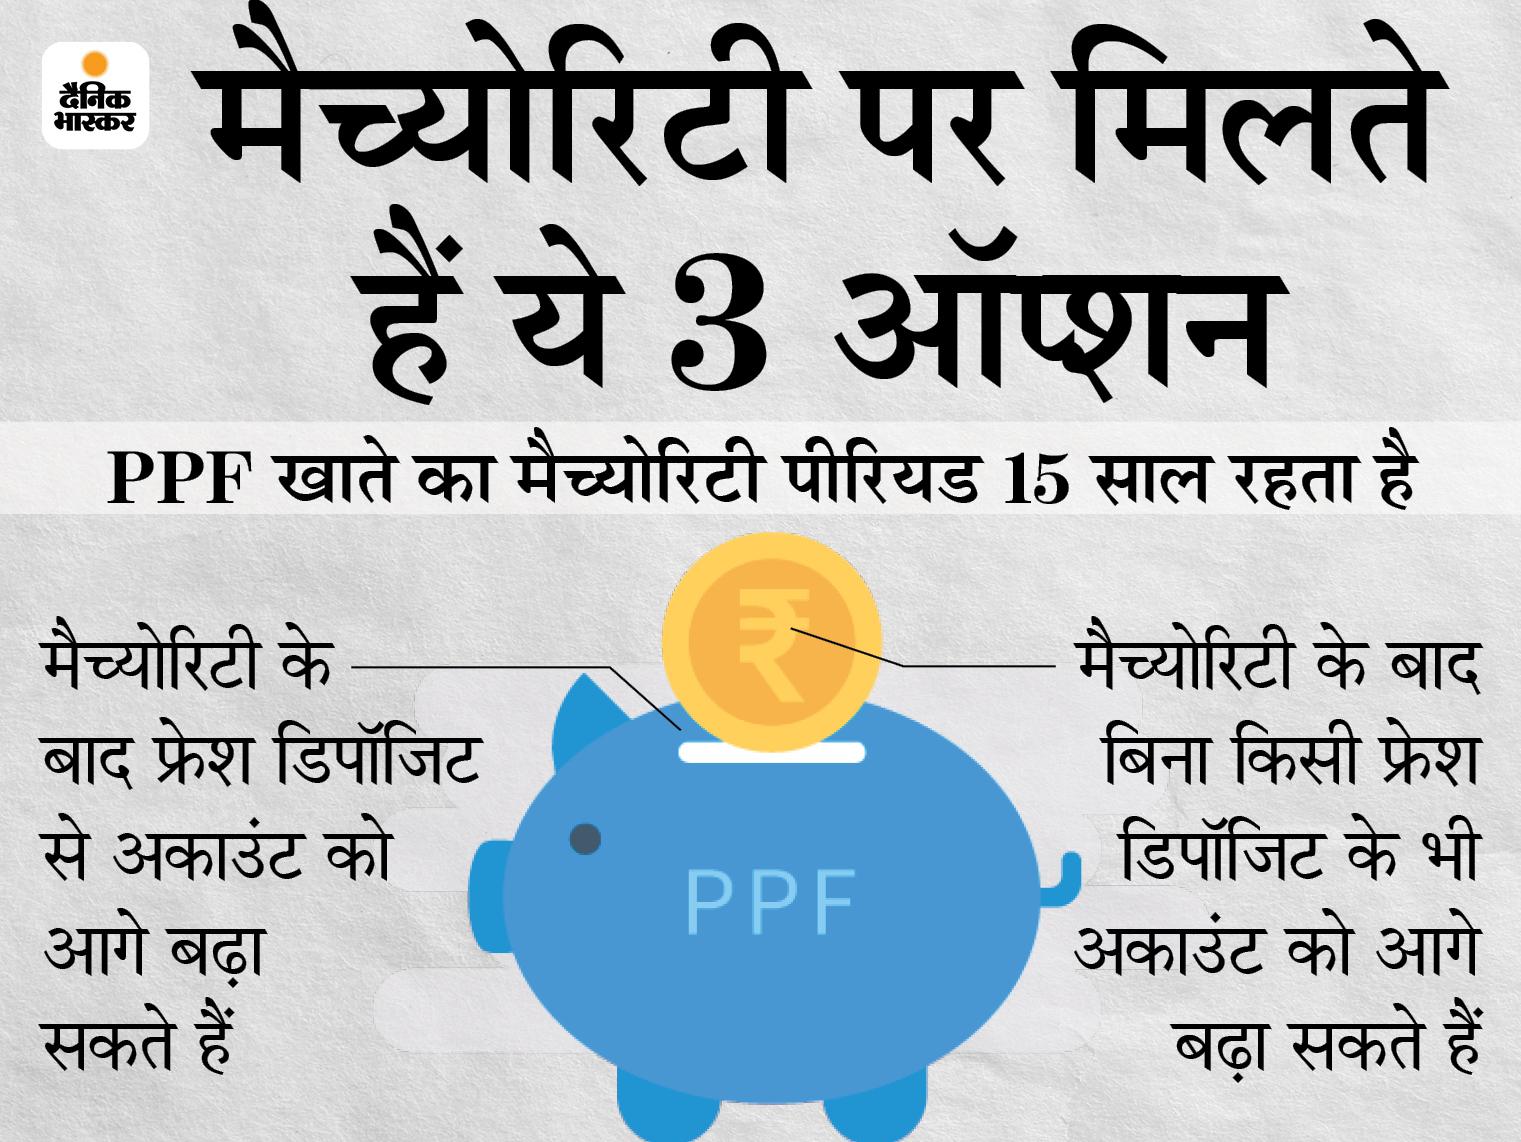 PPF अकाउंट हो गया है मैच्योर तो बिना पैसे जमा करे भी उसे बढ़ा सकते हैं आगे, मैच्योरिटी पर आपको मिलते हैं ये 3 ऑप्शन|बिजनेस,Business - Dainik Bhaskar